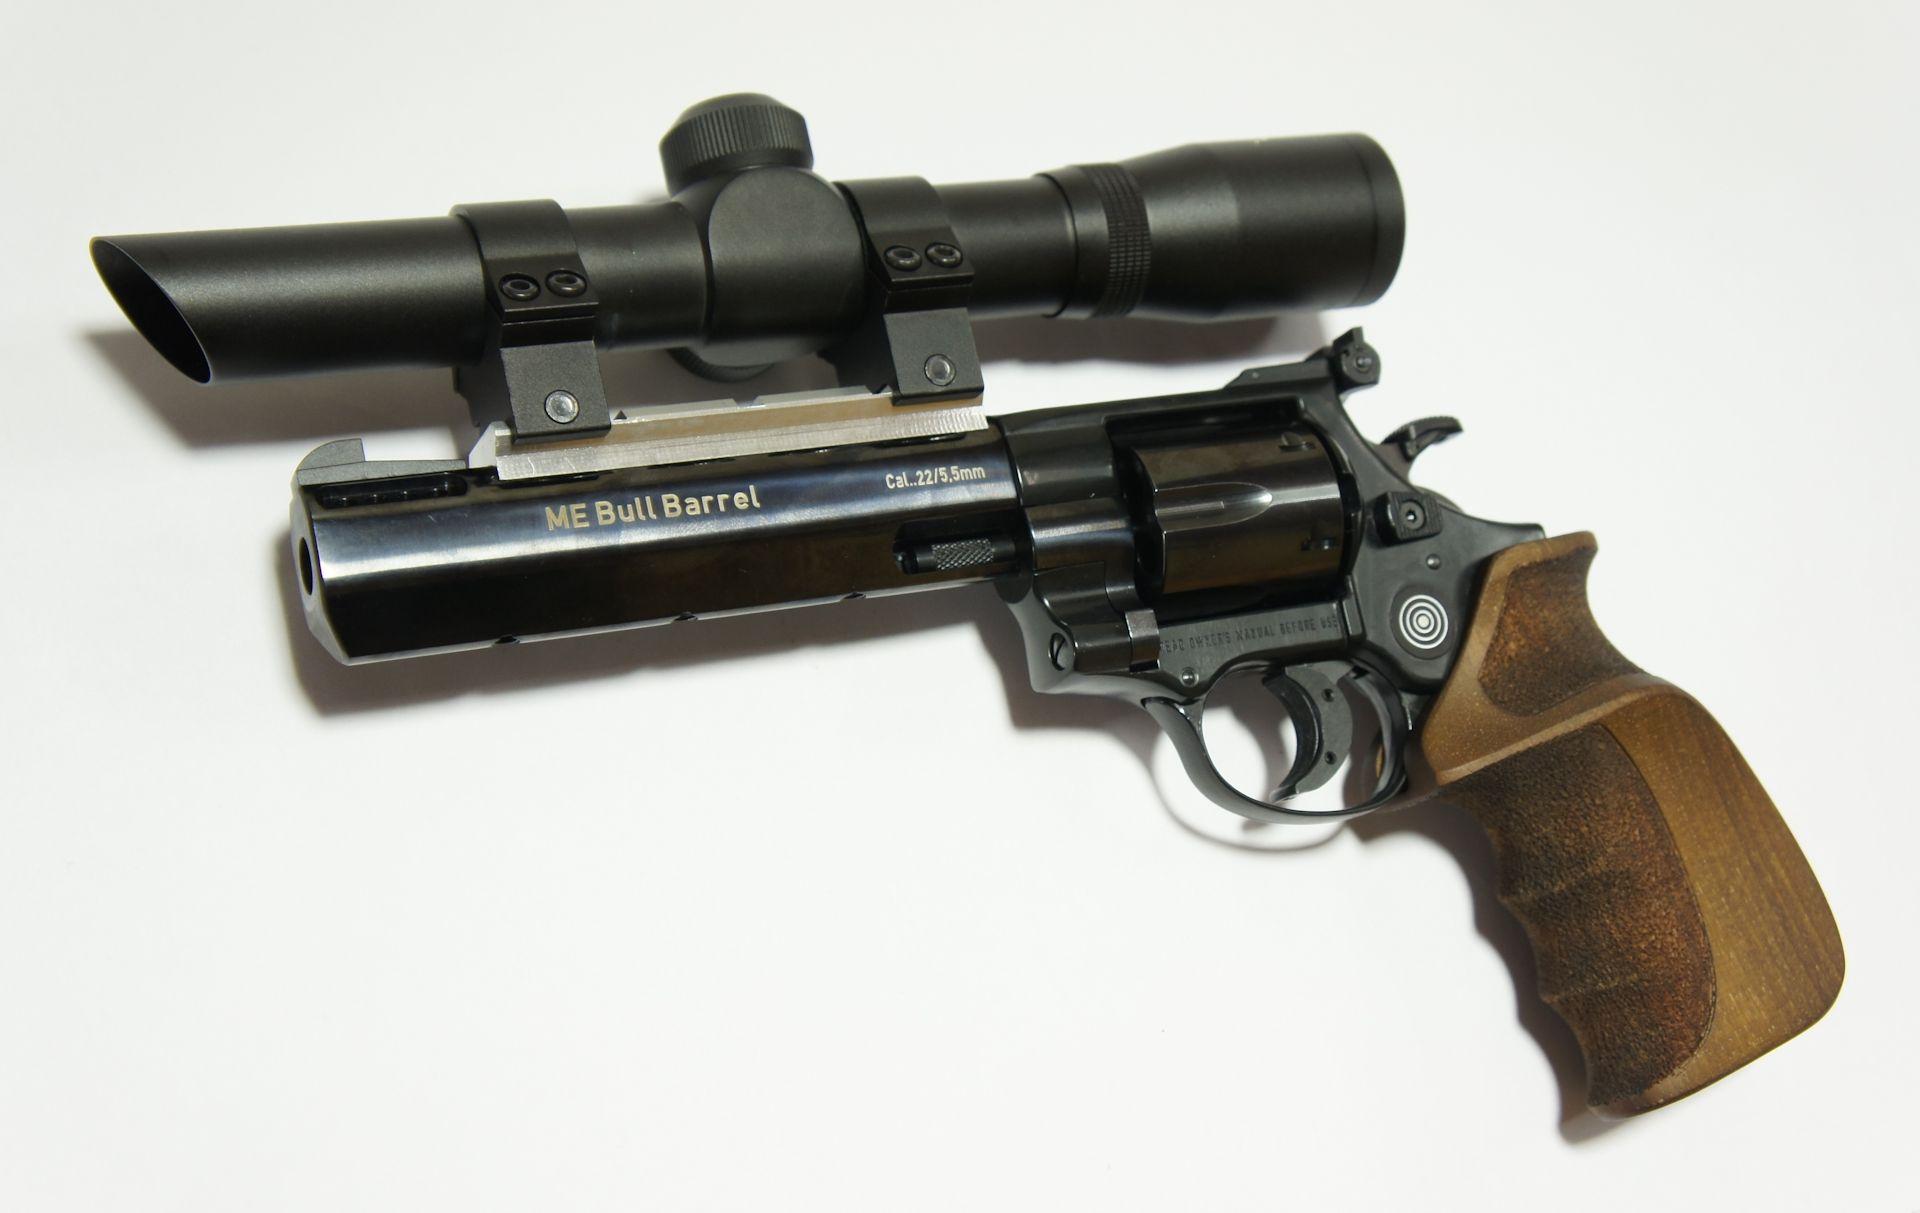 Montagebeispiel: das Pistolenzielfernrohr sehen Sie hier auf einem <a href=1160505TaHo.htm>Bull Barrel Target </a> mittels anderer Ringe befestigt.